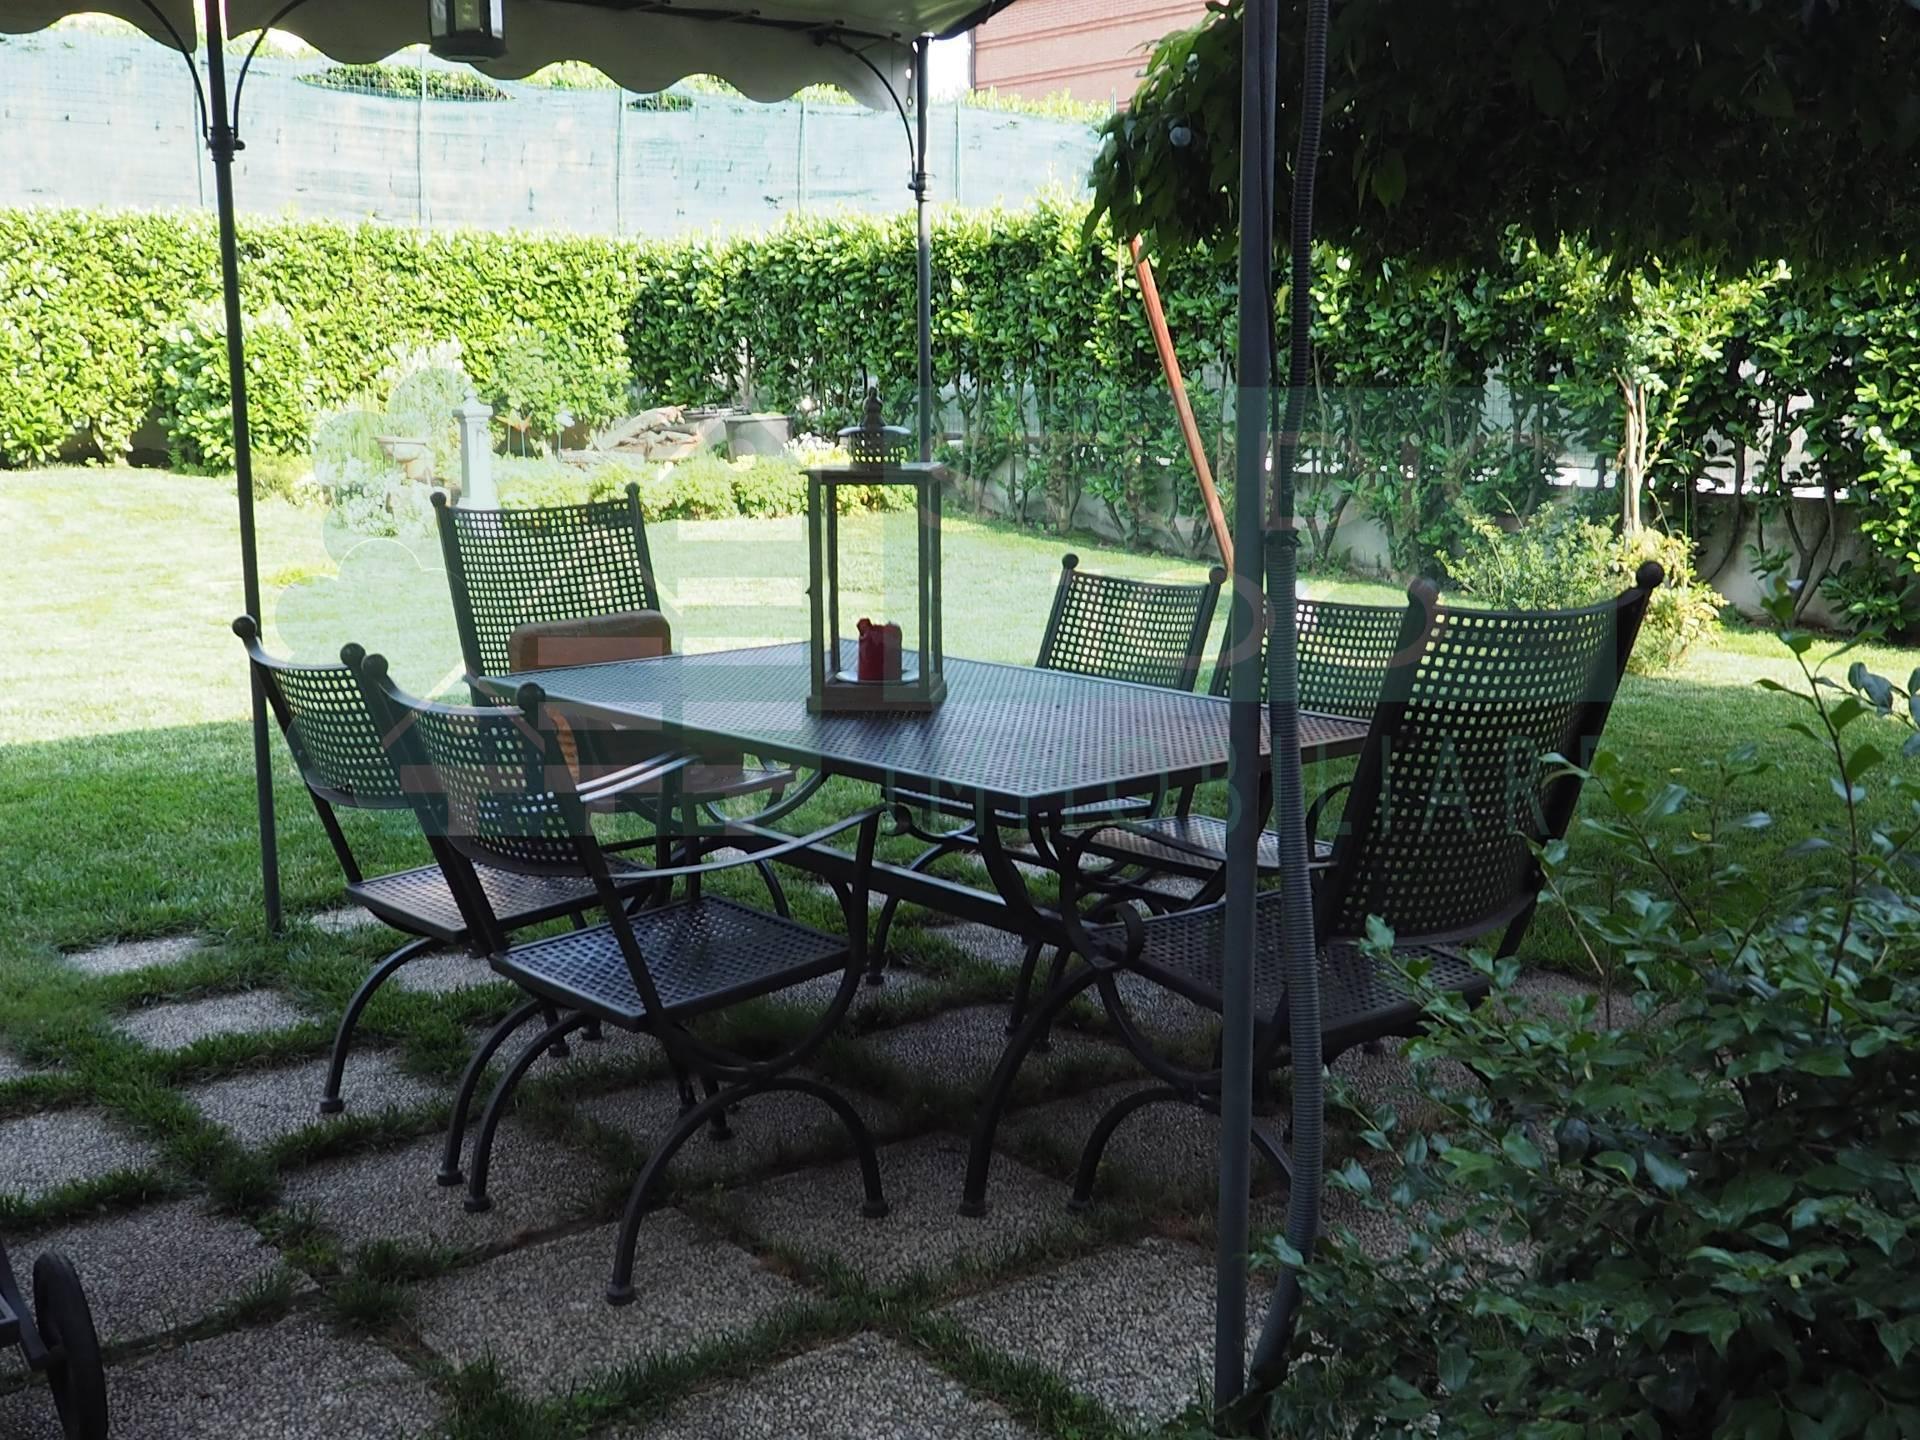 Villa in vendita a Casorate Sempione, 5 locali, zona Località: CascinaMasnaga, prezzo € 295.000 | CambioCasa.it